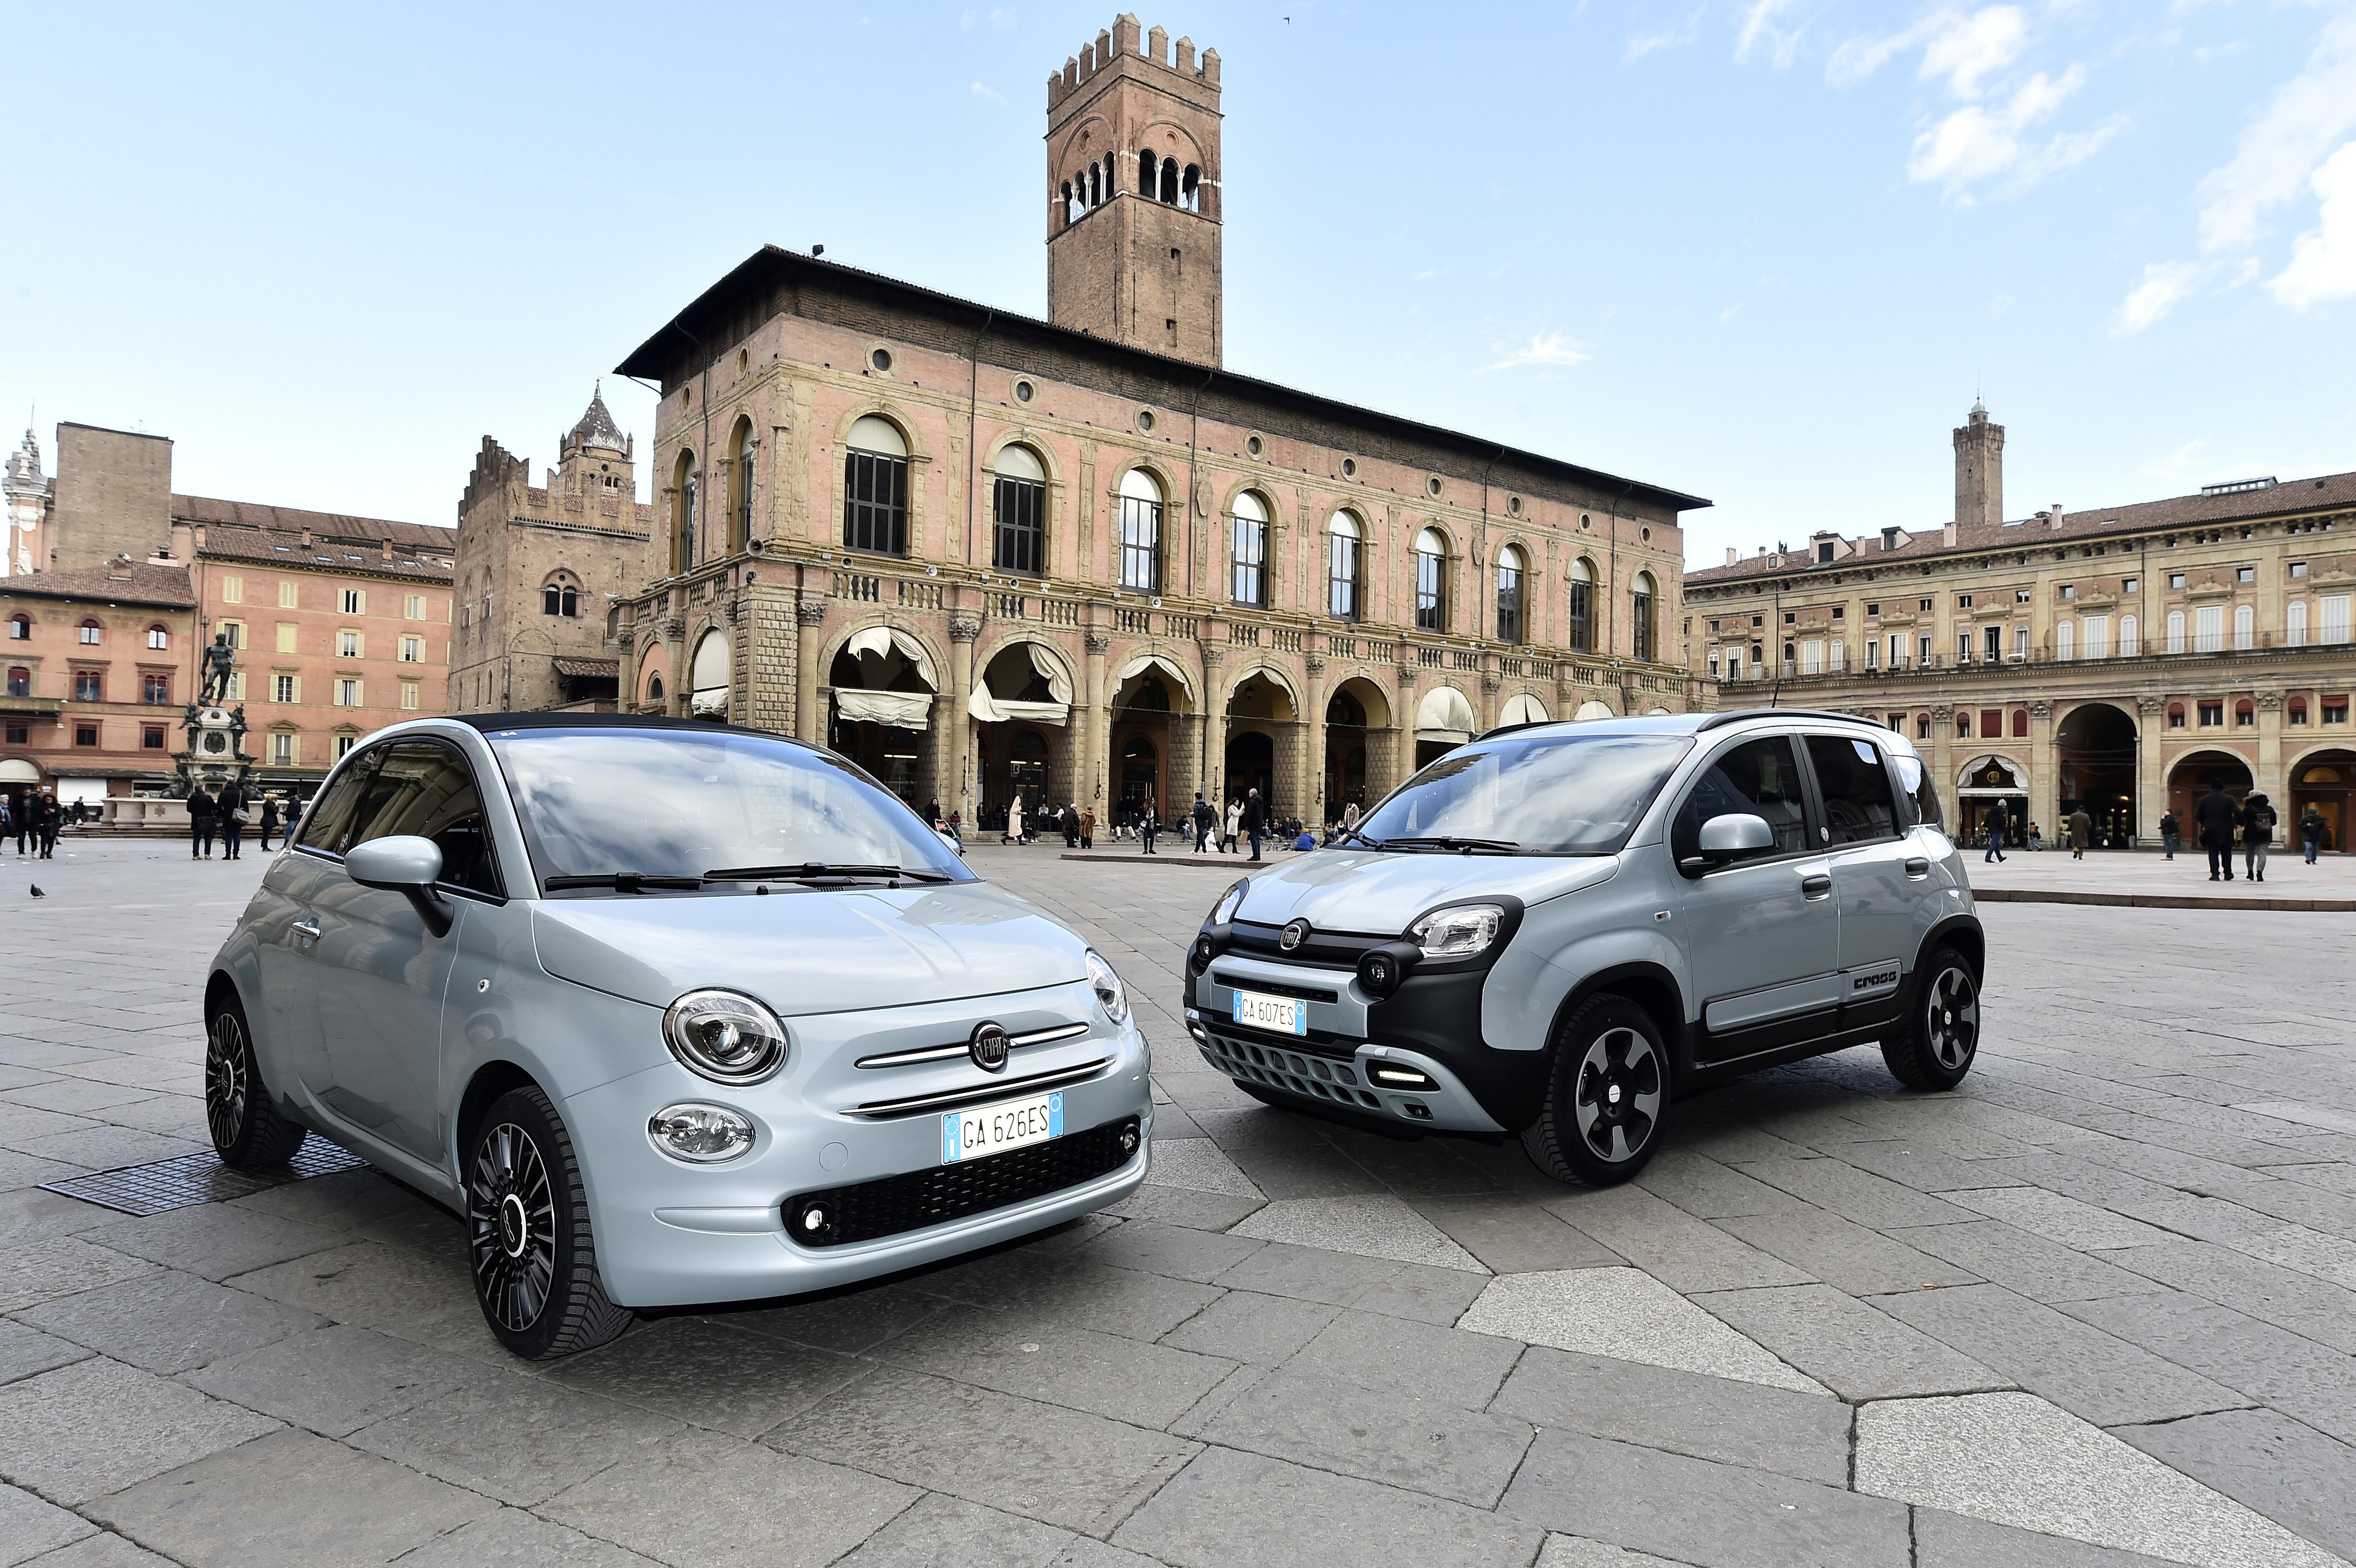 New Fiat Panda and Fiat 500 mild-hybrid cars are seen in piazza Maggiore, in Bologna, Italy, February 4, 2020. REUTERS/Flavio Lo Scalzo/File Photo